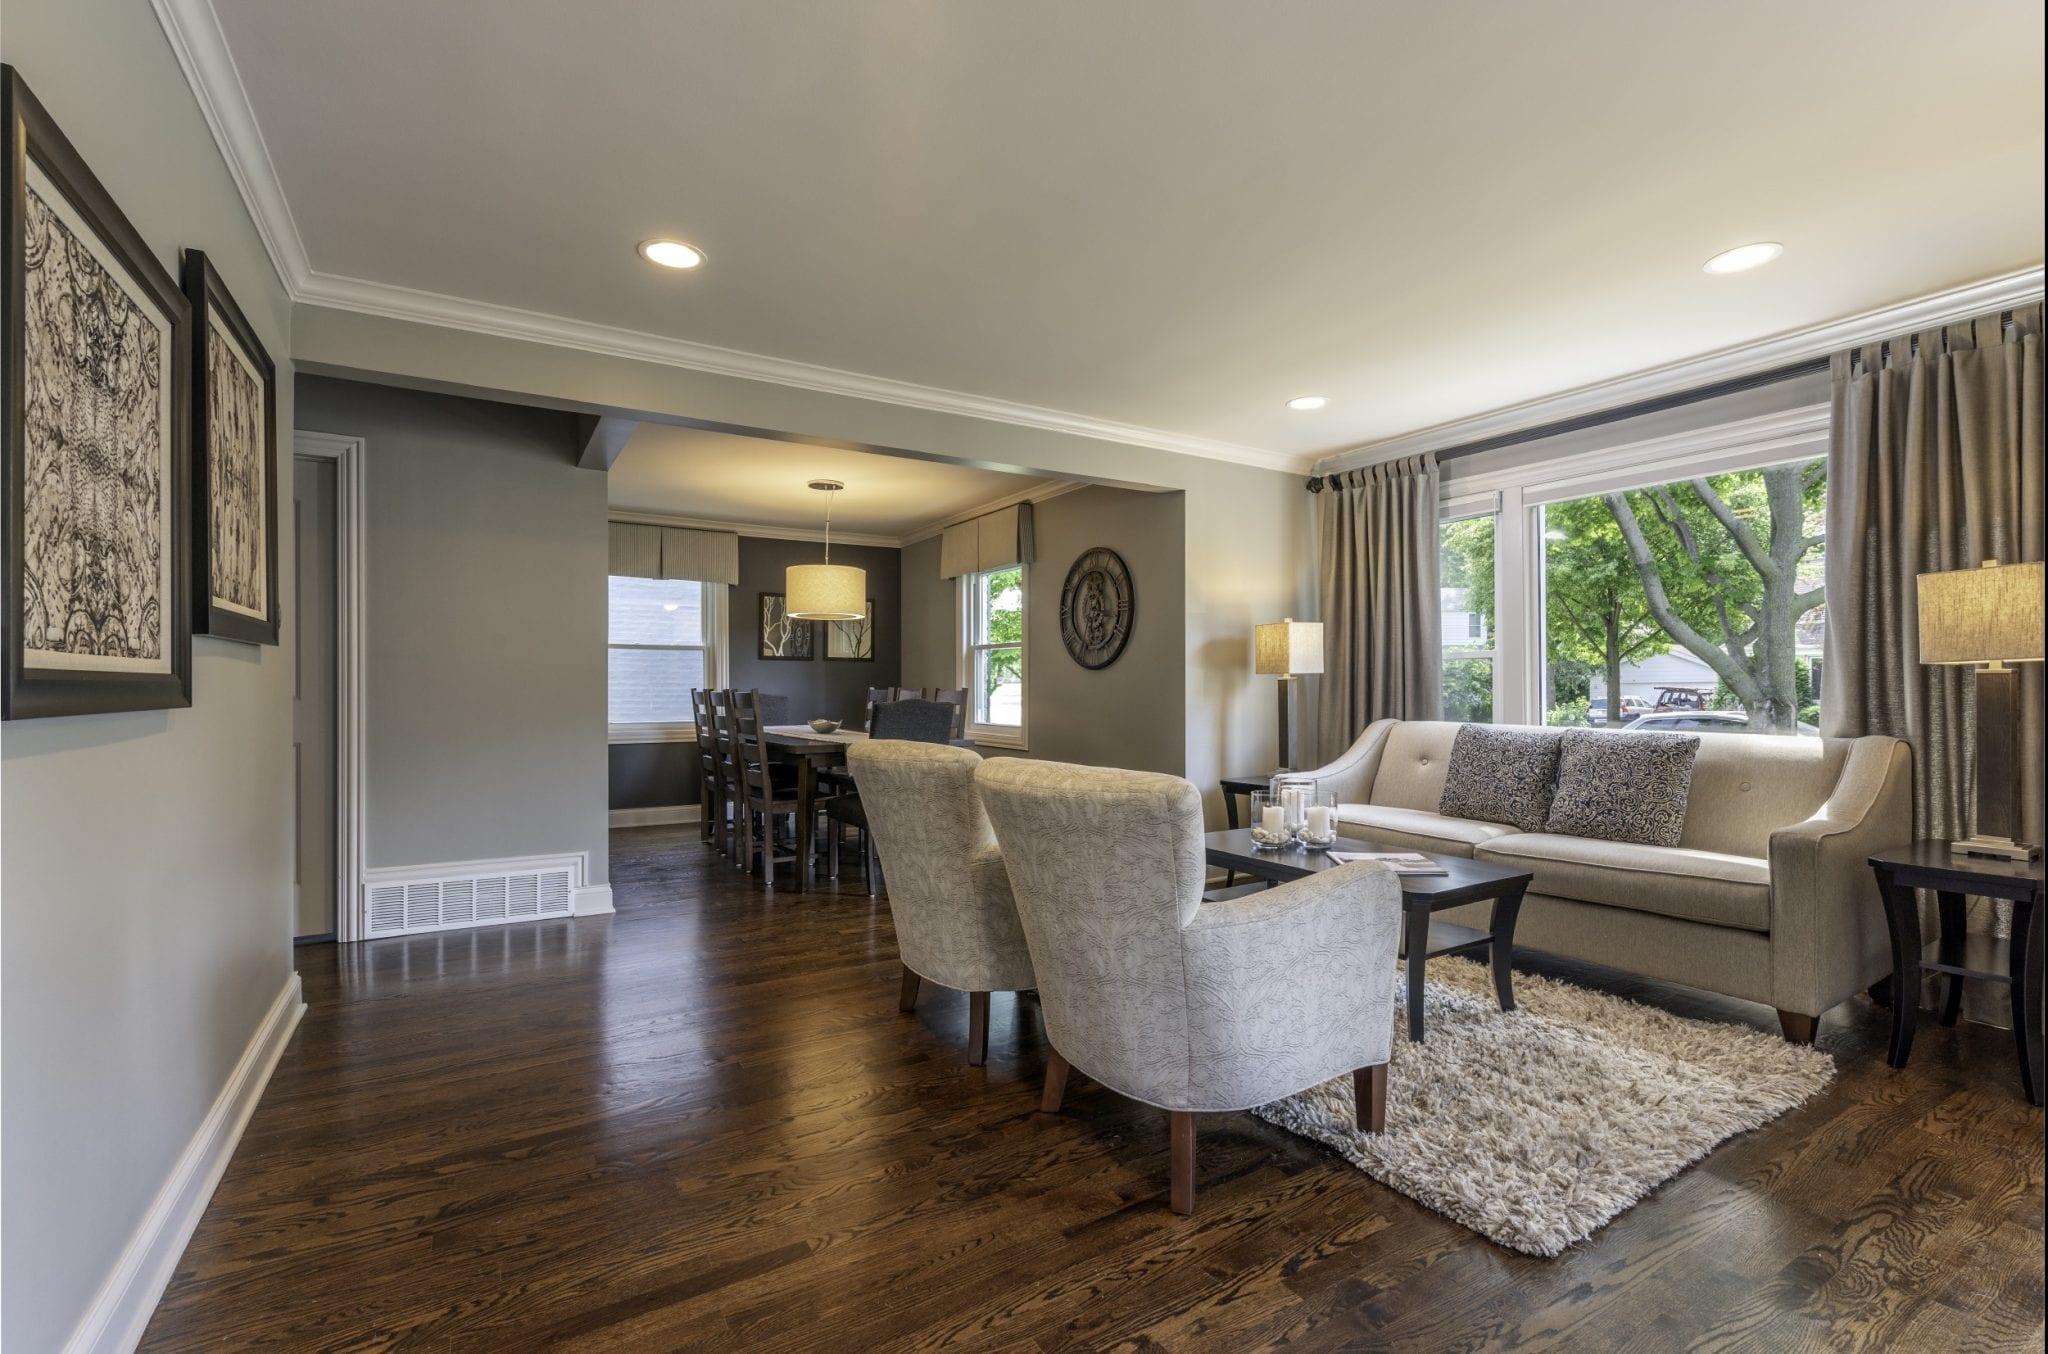 Living Room Furnishings | Arlington Heights Illinois